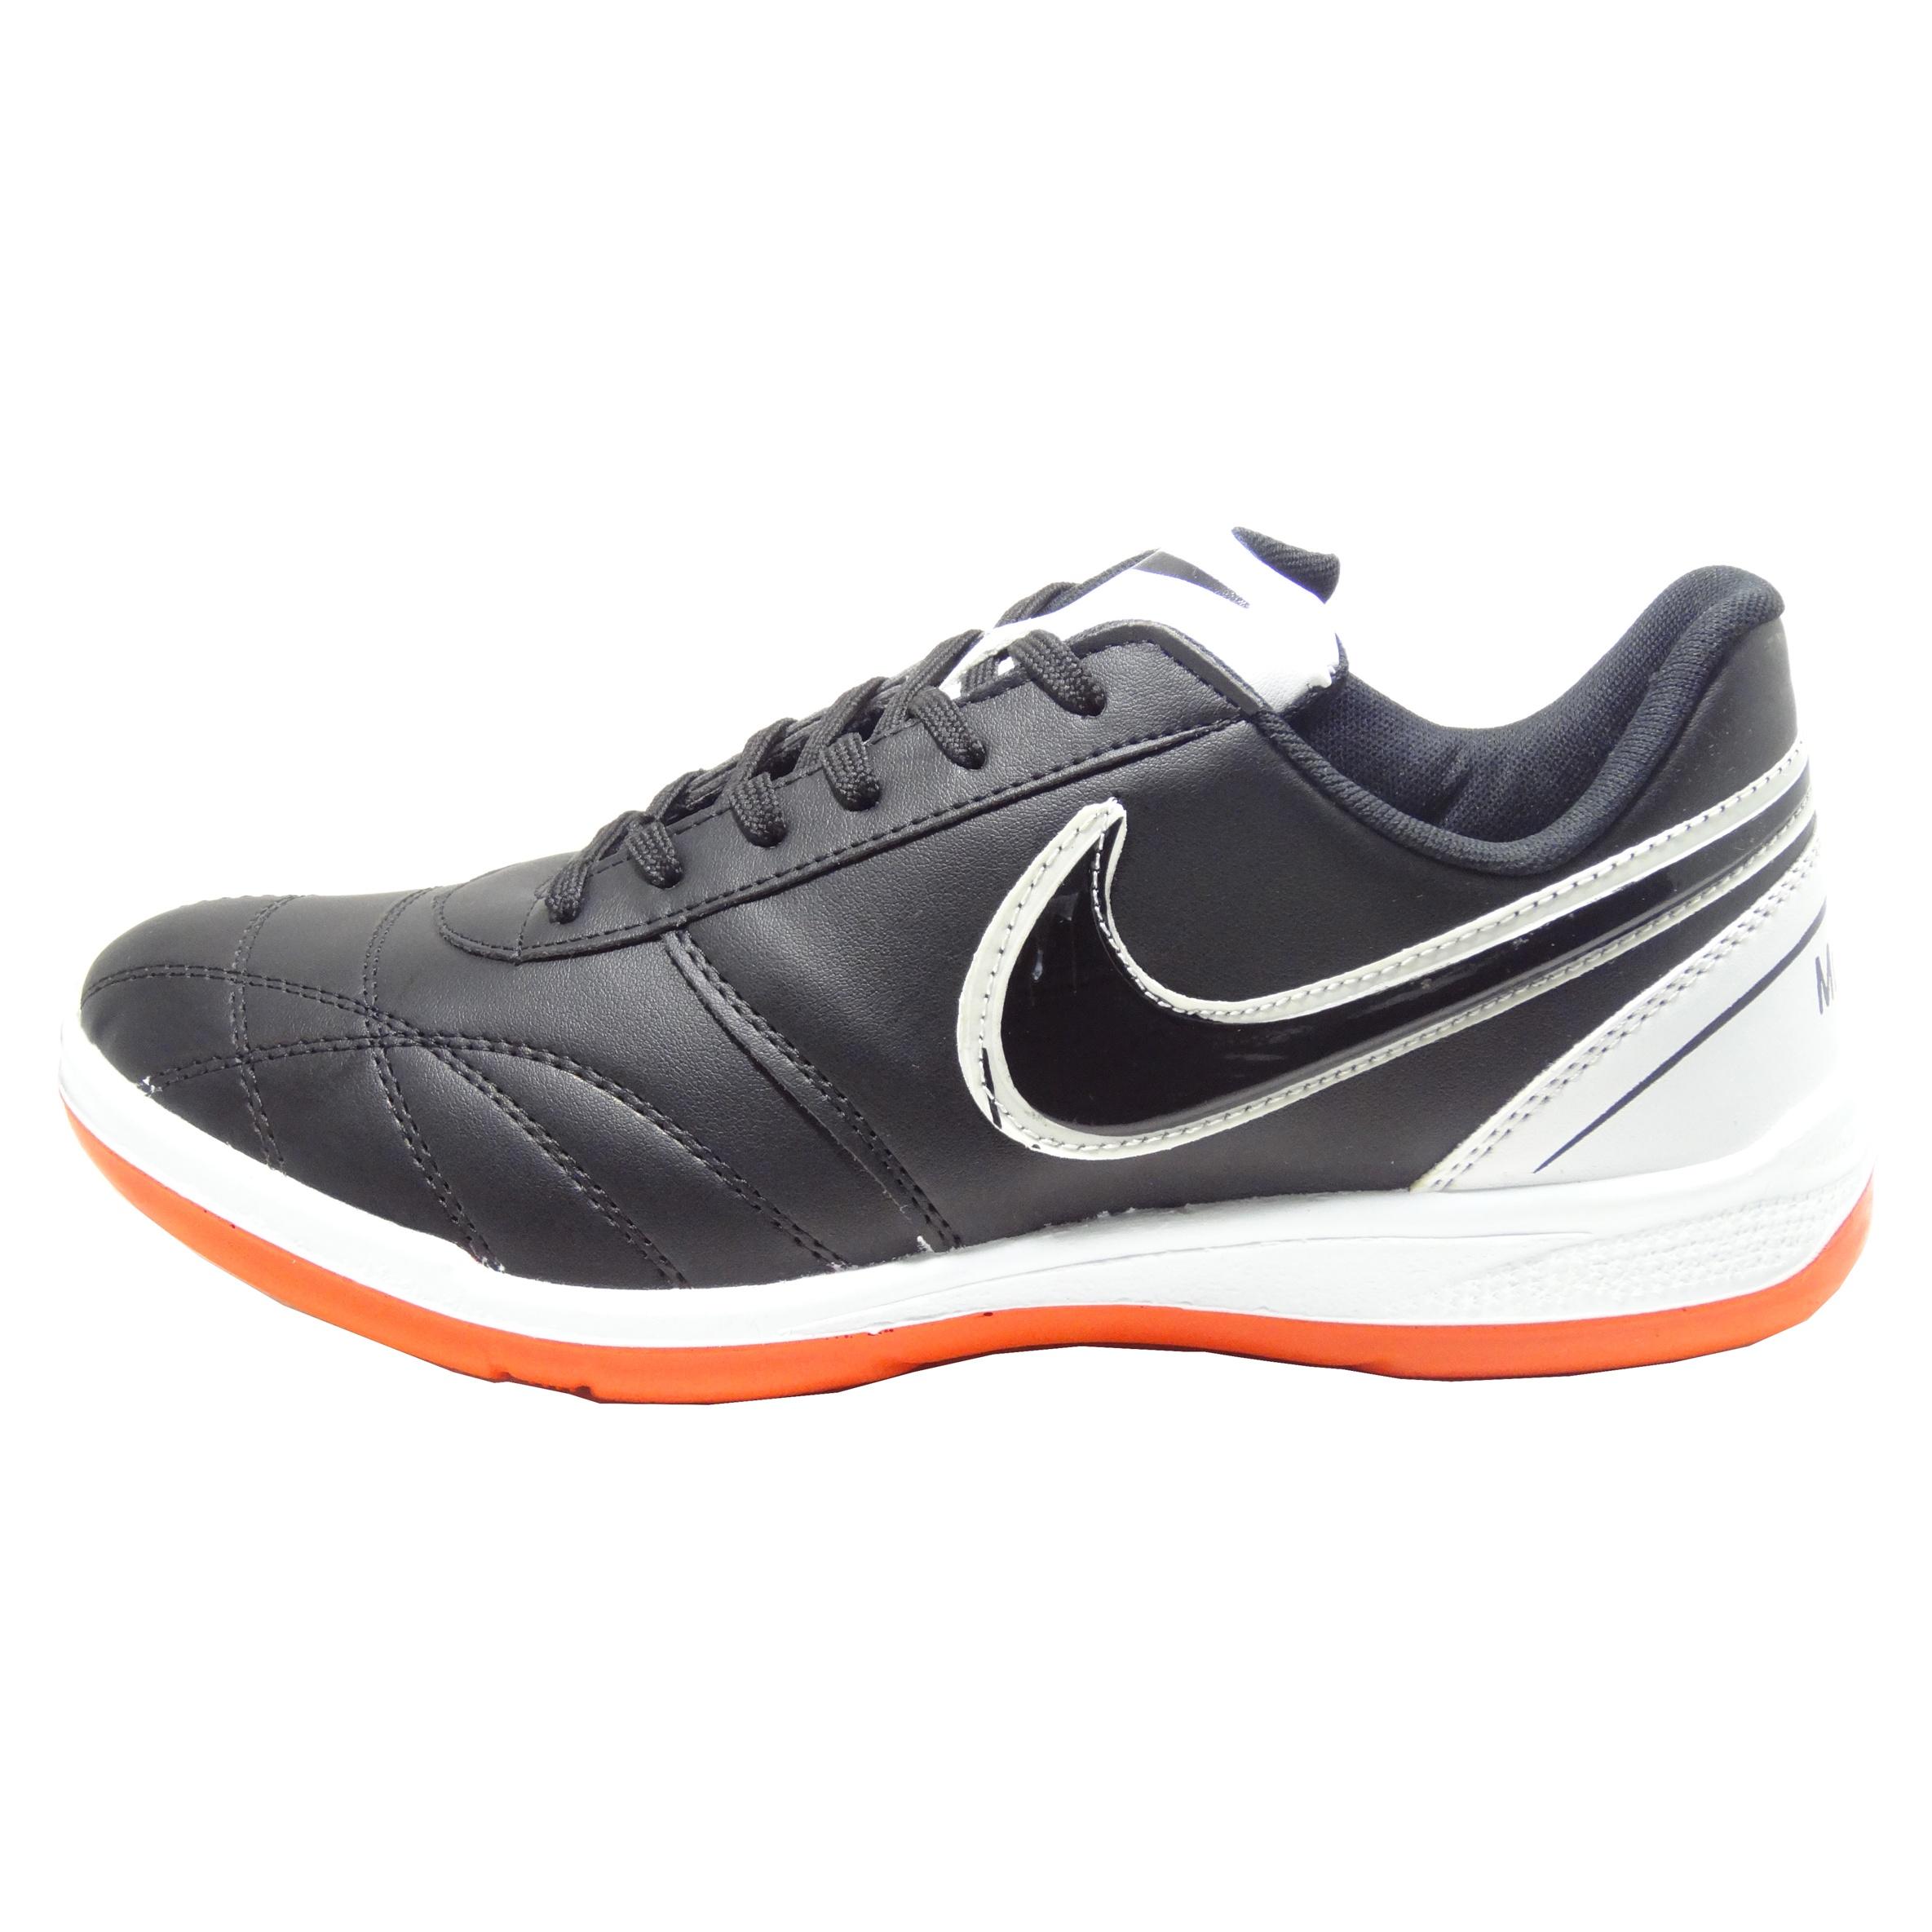 خرید                      کفش فوتسال مردانه مدل Europic کد Mo-0011              👟